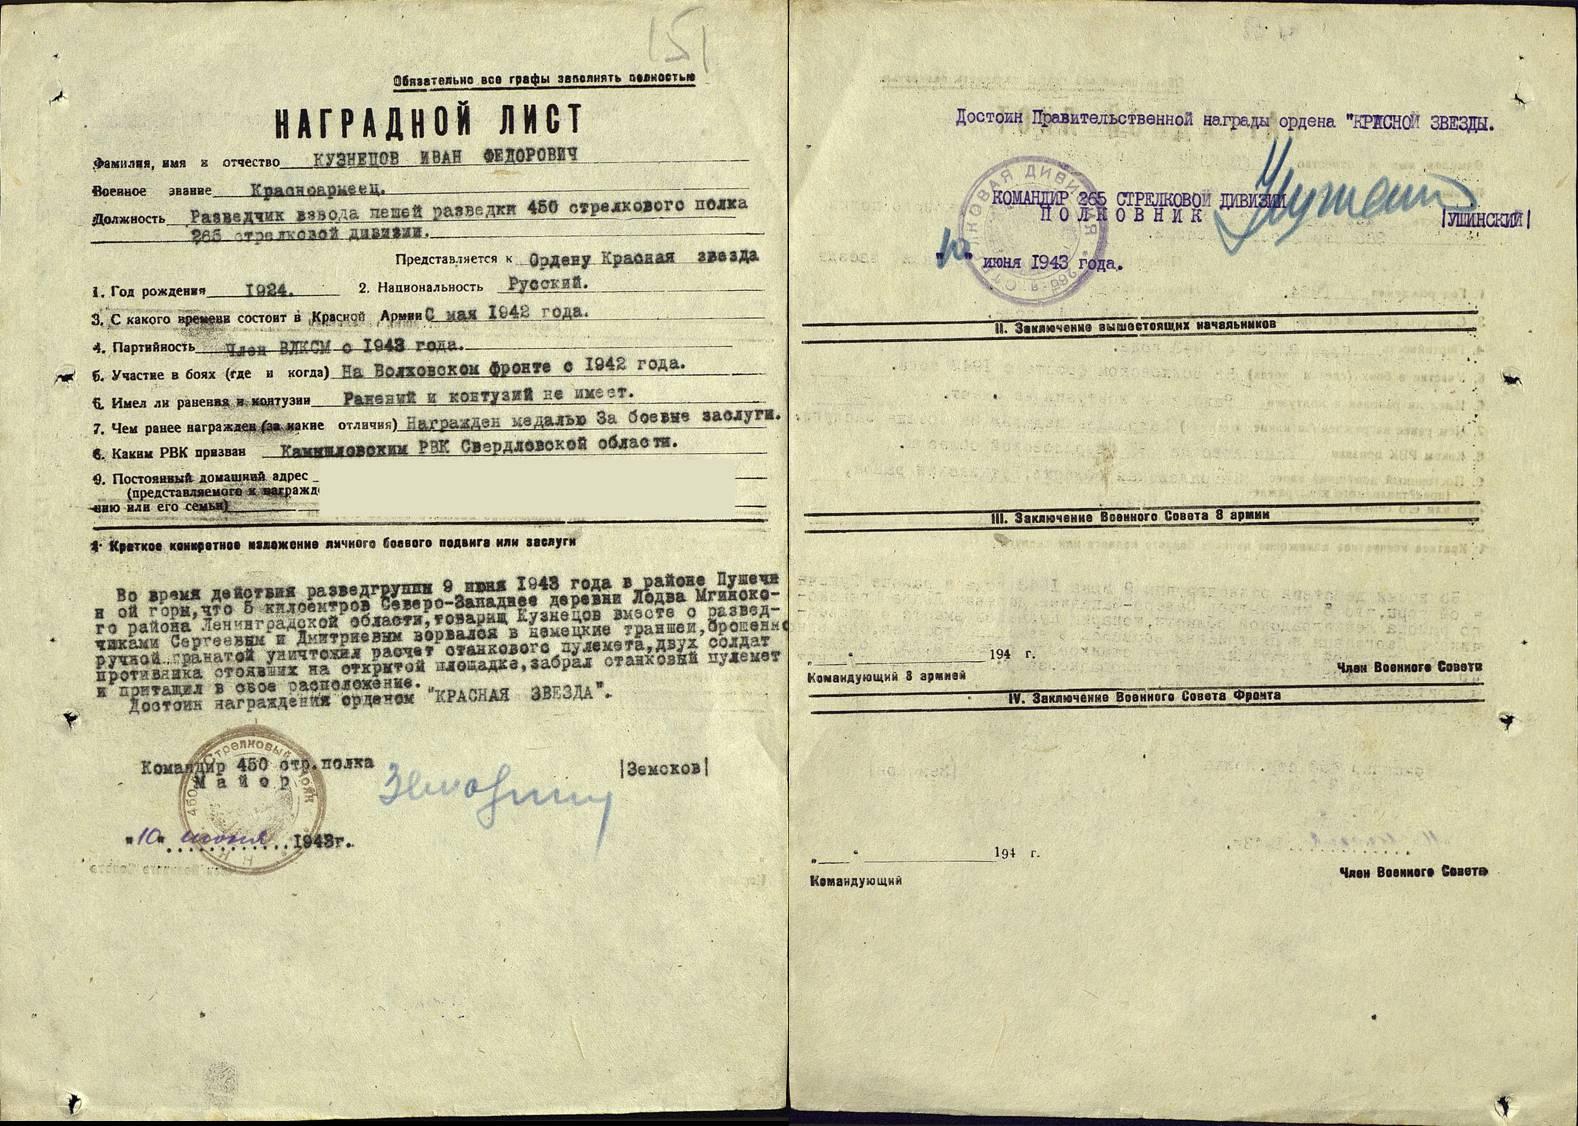 Призван шереметьевским рвк с.беляхча